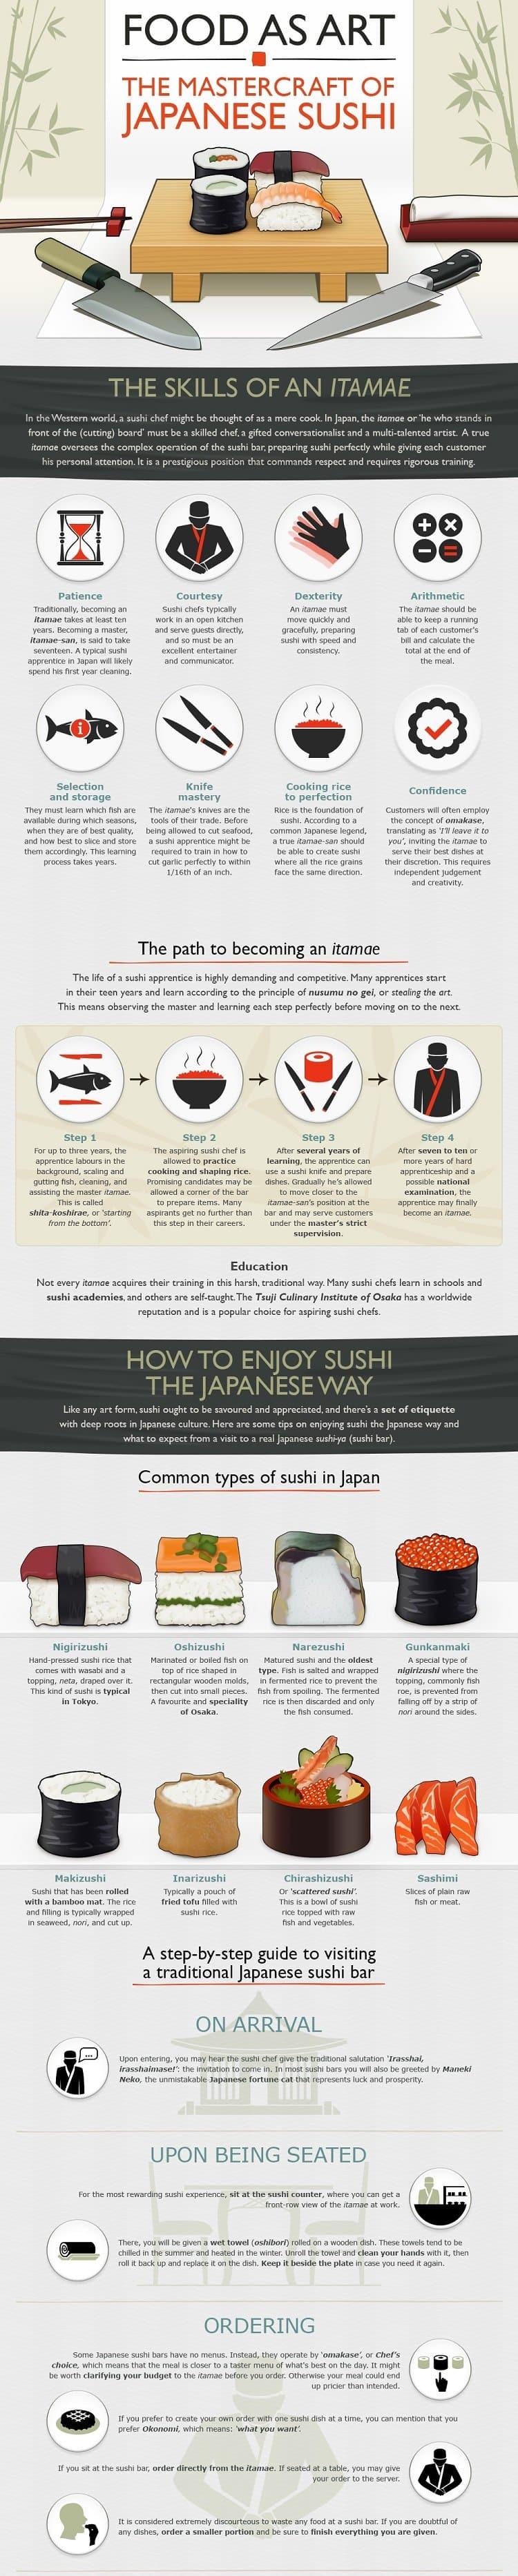 sushi chart sushi chart Dolapmagnetbandco